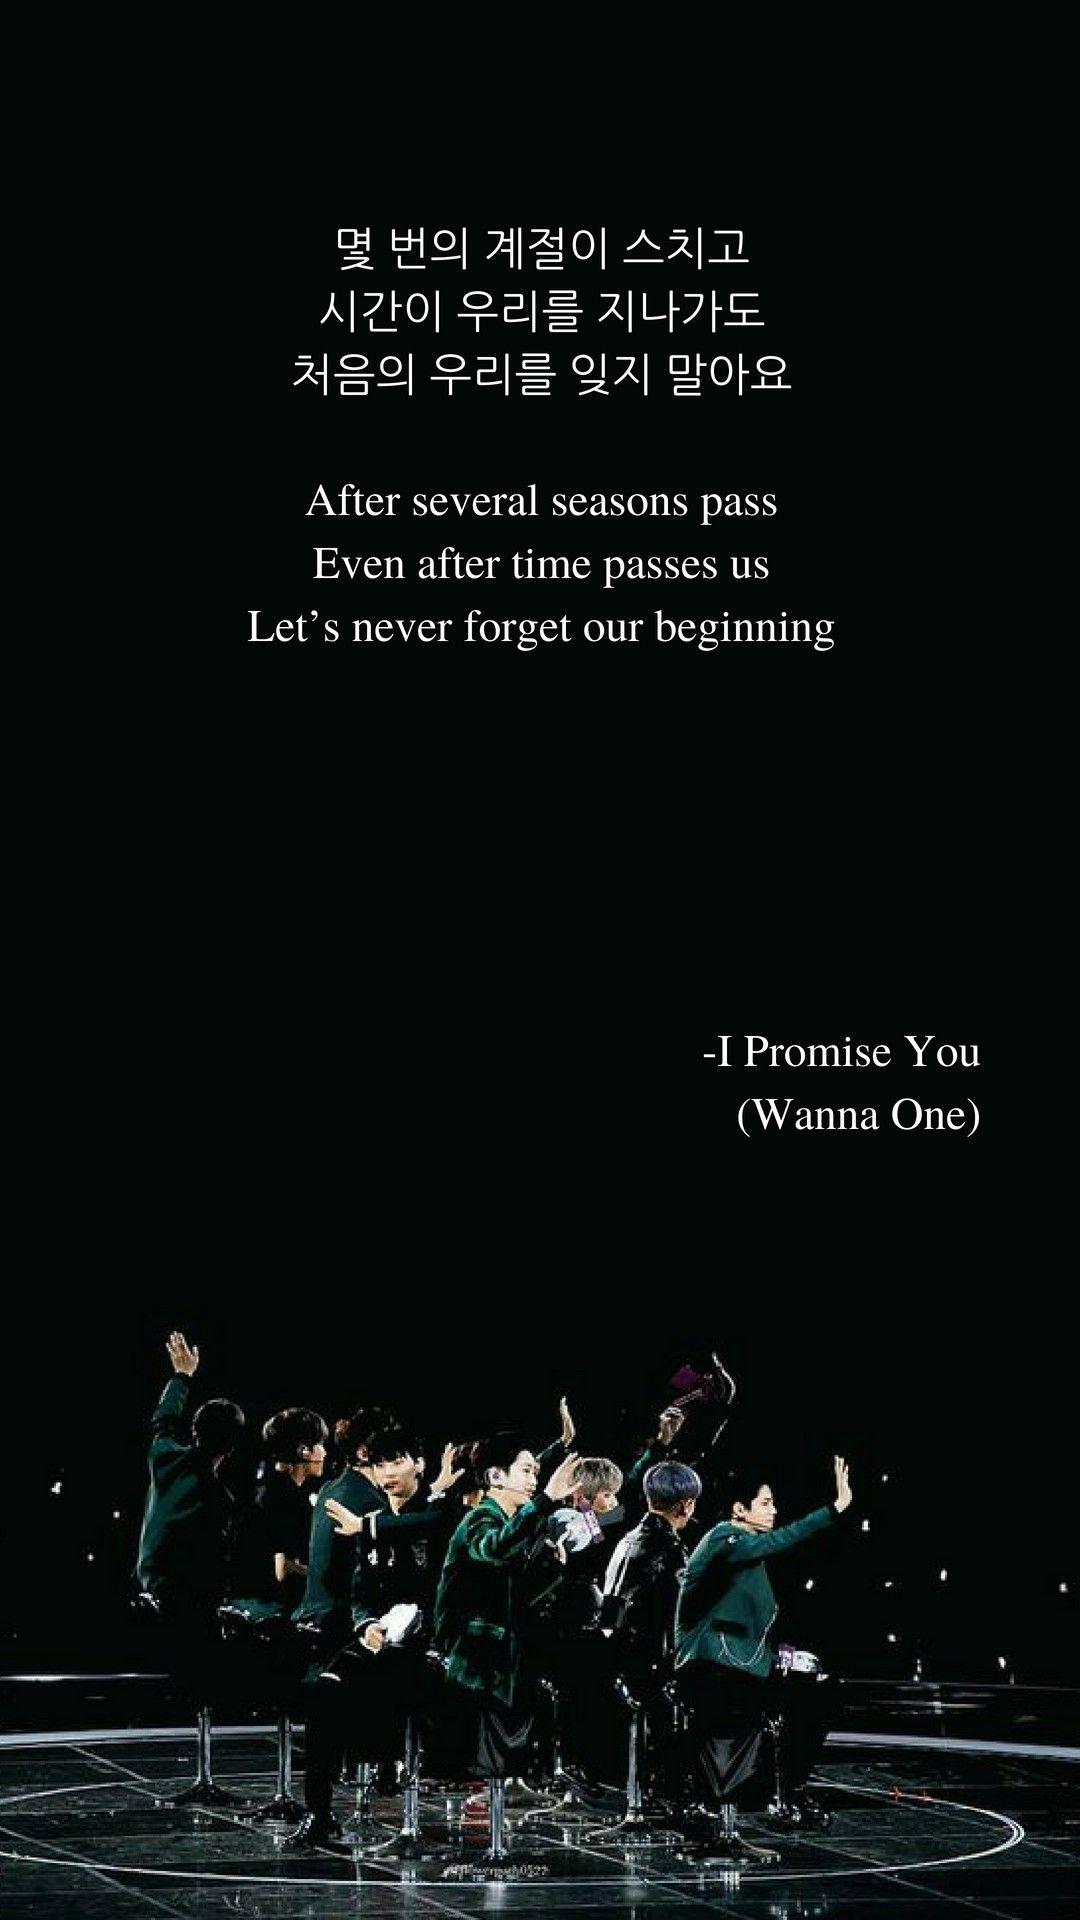 I Promos You By Wanna One Lyrics Wallpaper Korean Pinterest